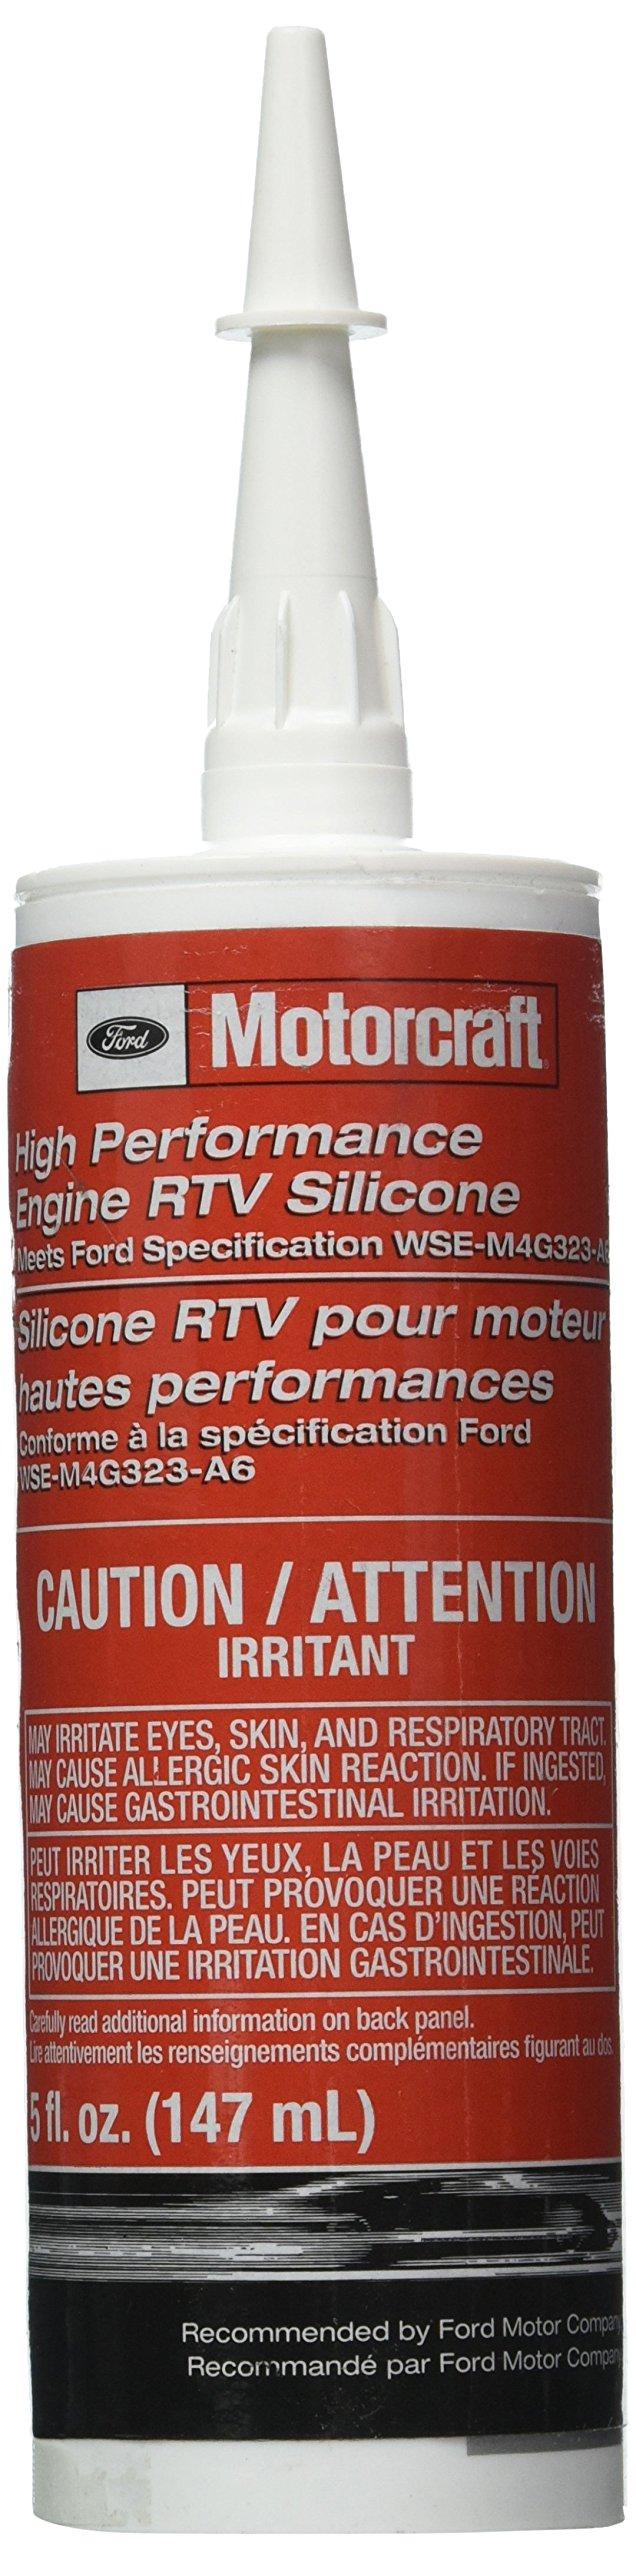 Ford Genuine Fluid TA-357 High Performance Engine RTV Silicone - 5 oz. by Ford